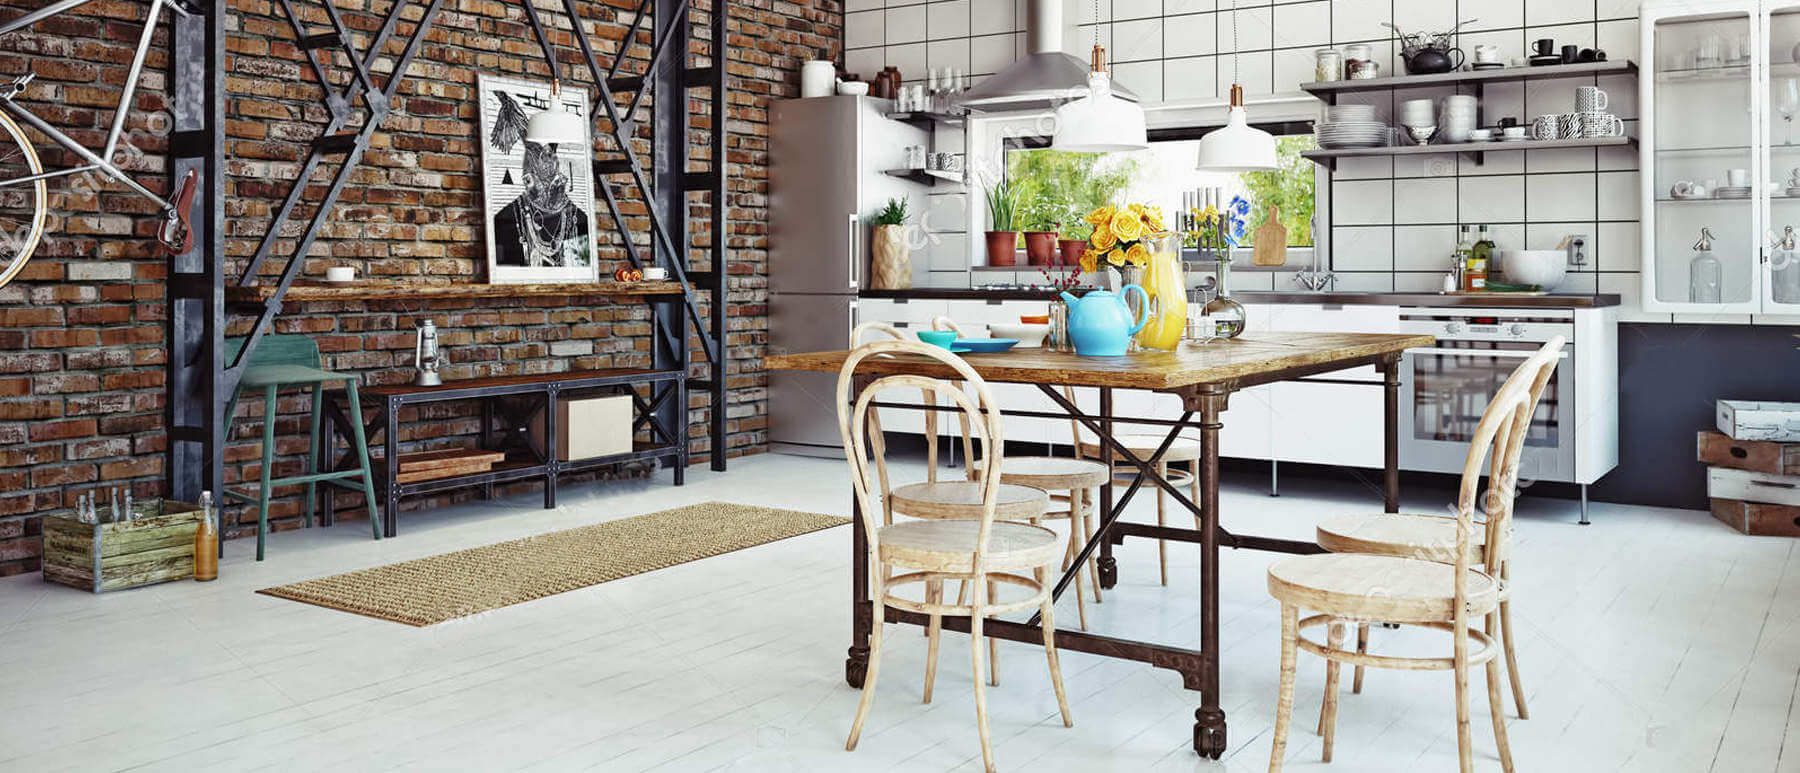 Mise en situaion table de cuisine acier industriel avec plateau bois